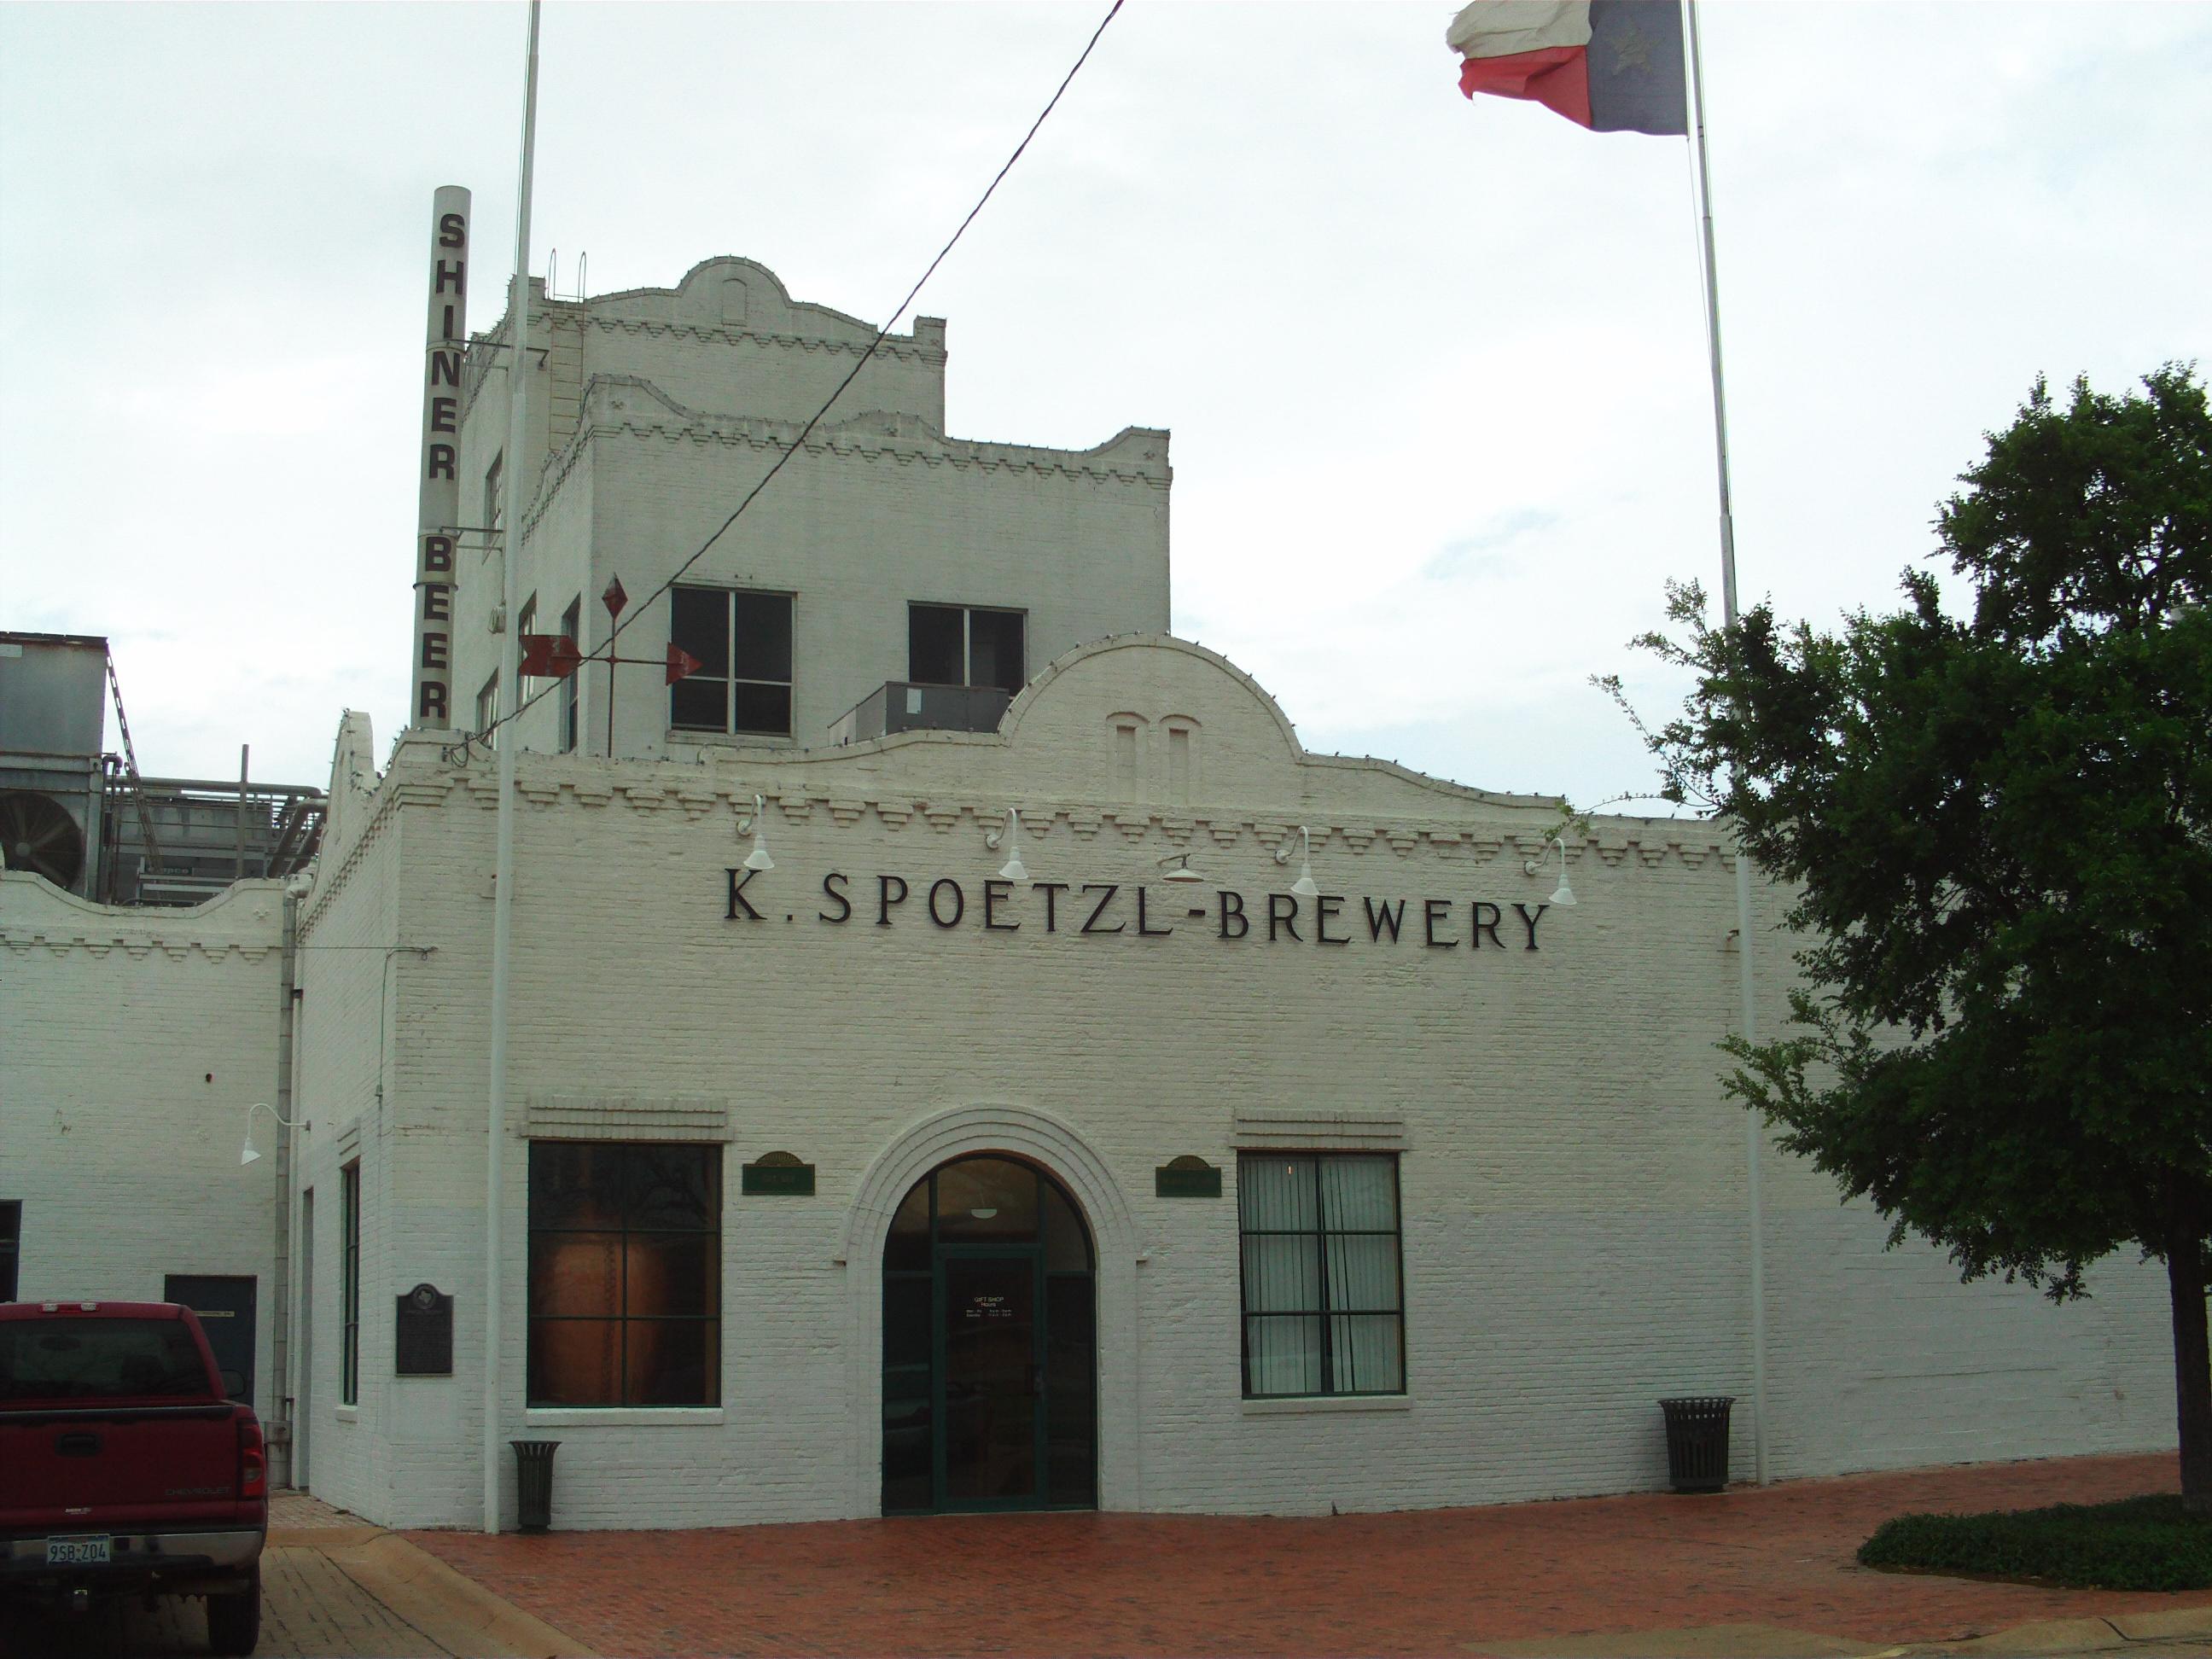 K. Spoetzl Brewery